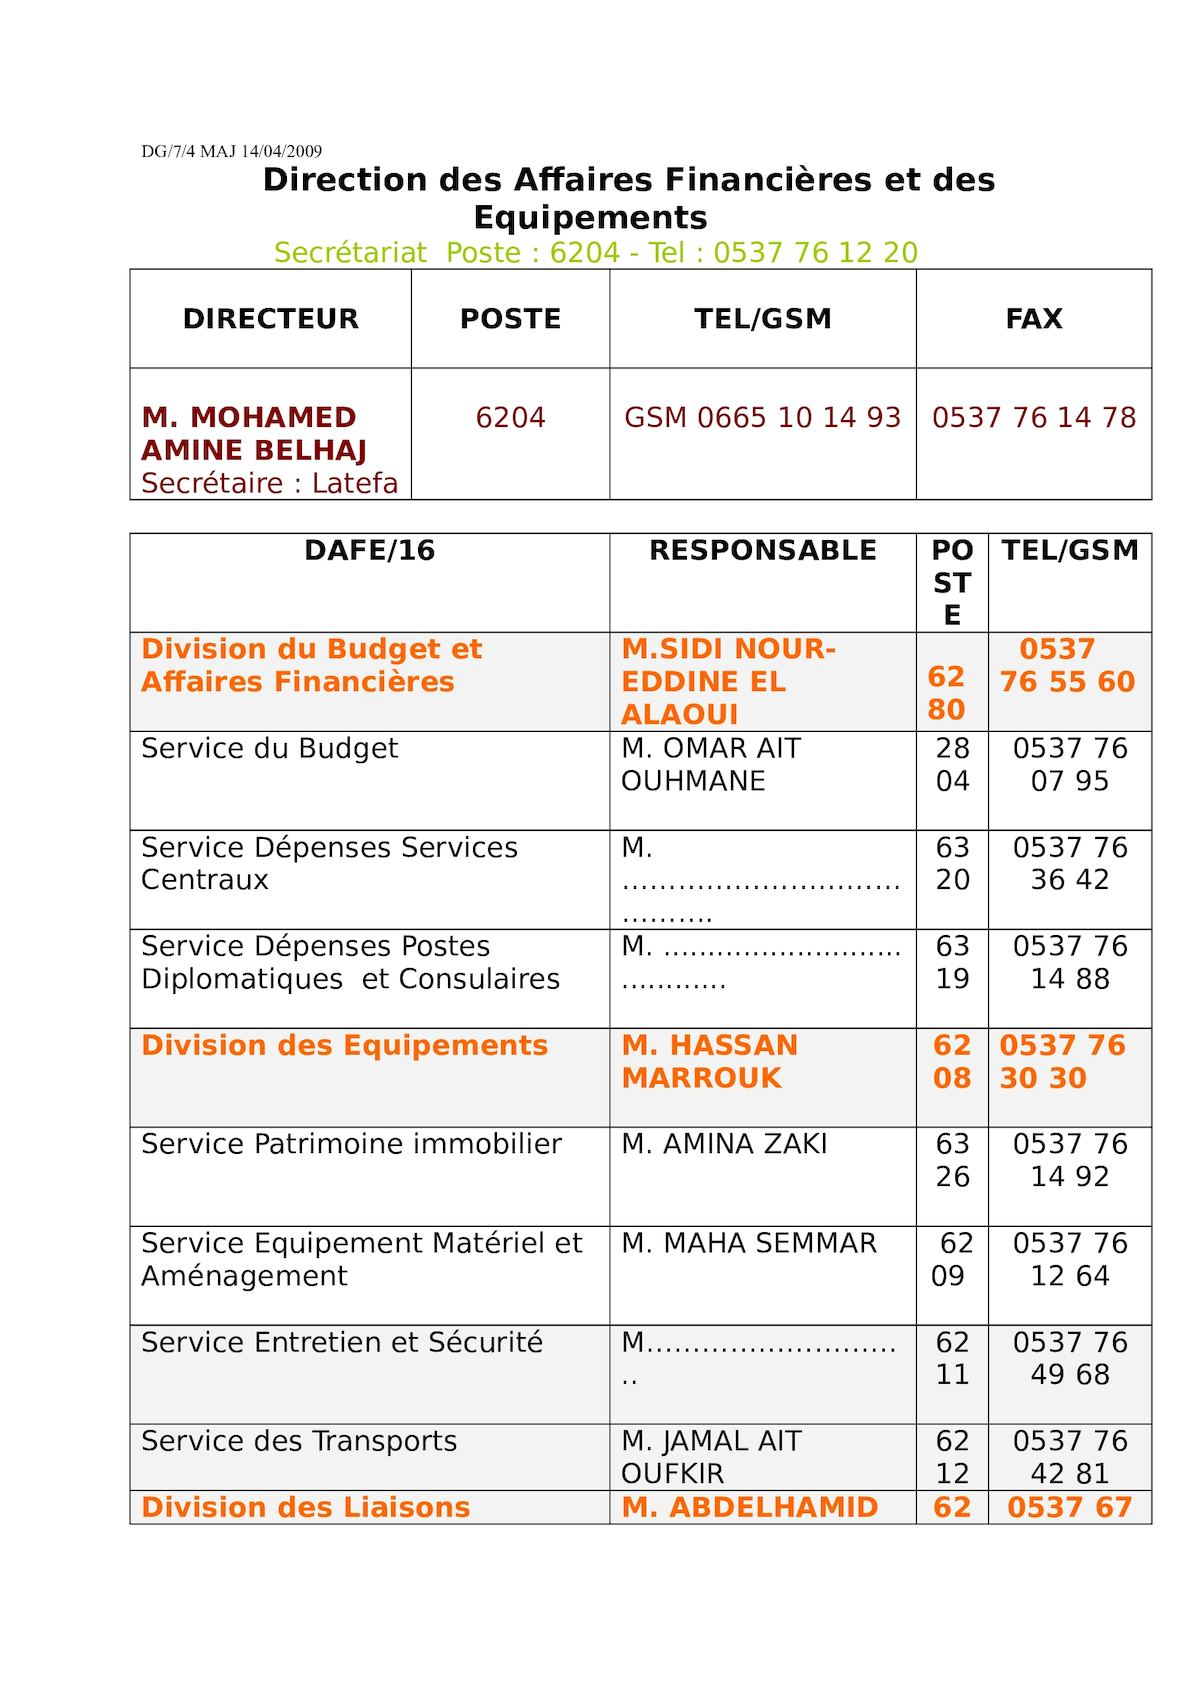 Direction Affaires Financières Et Equipements DAFE16